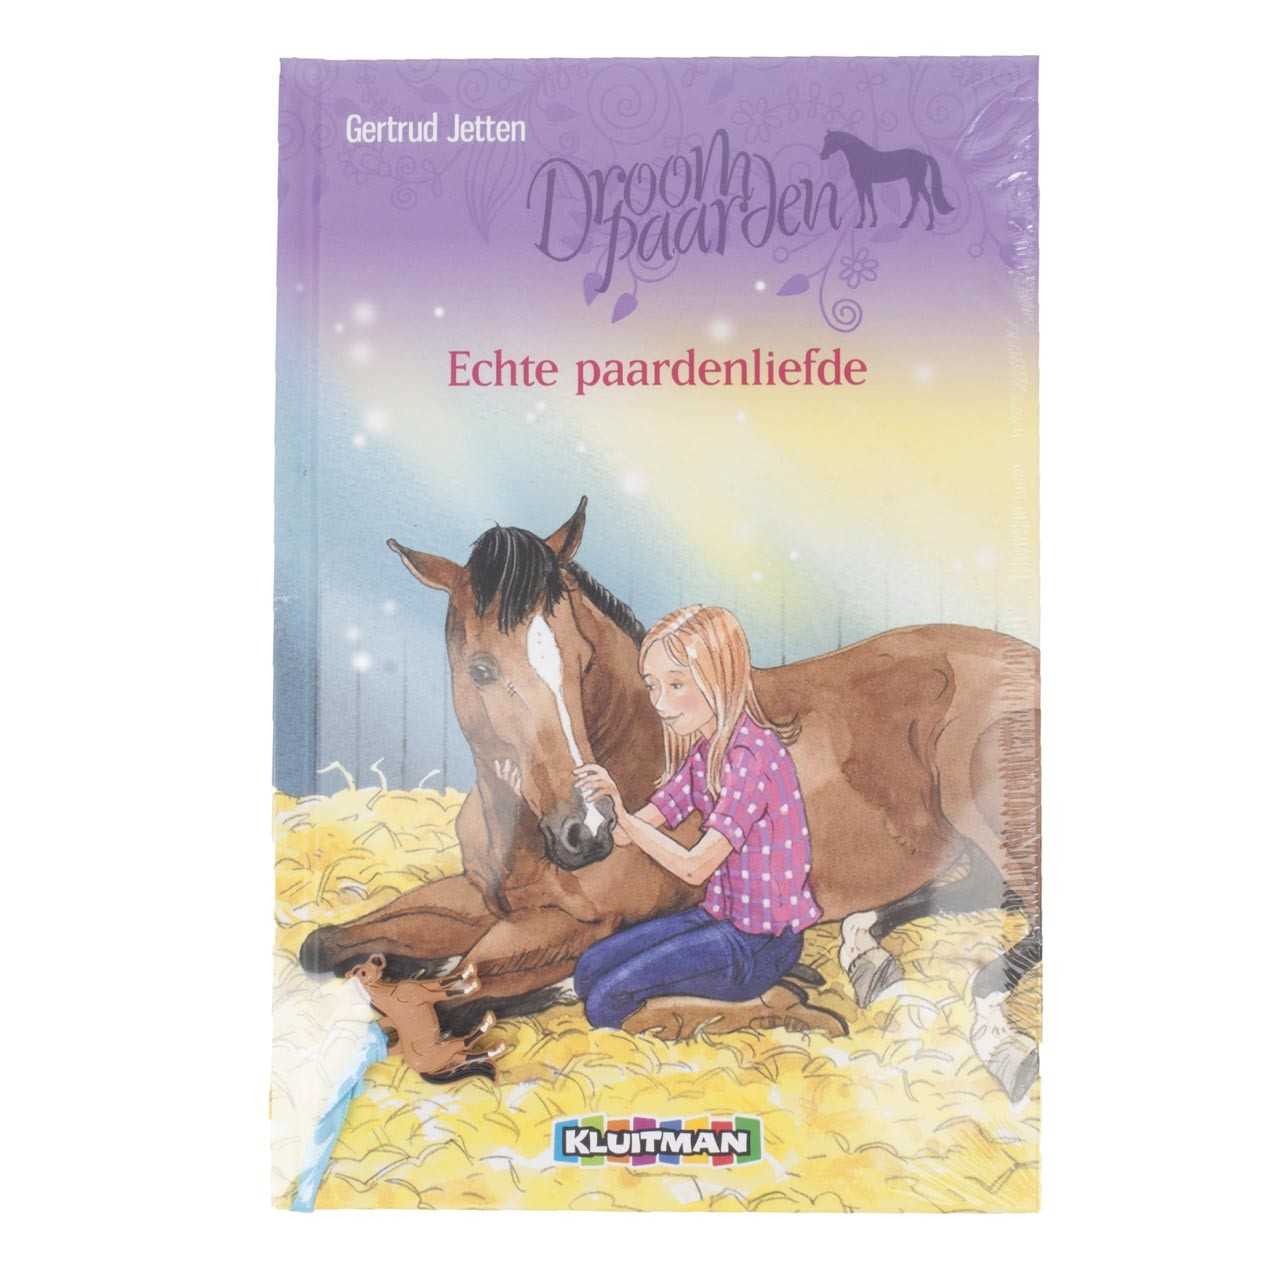 Droompaarden, echte paardenliefde